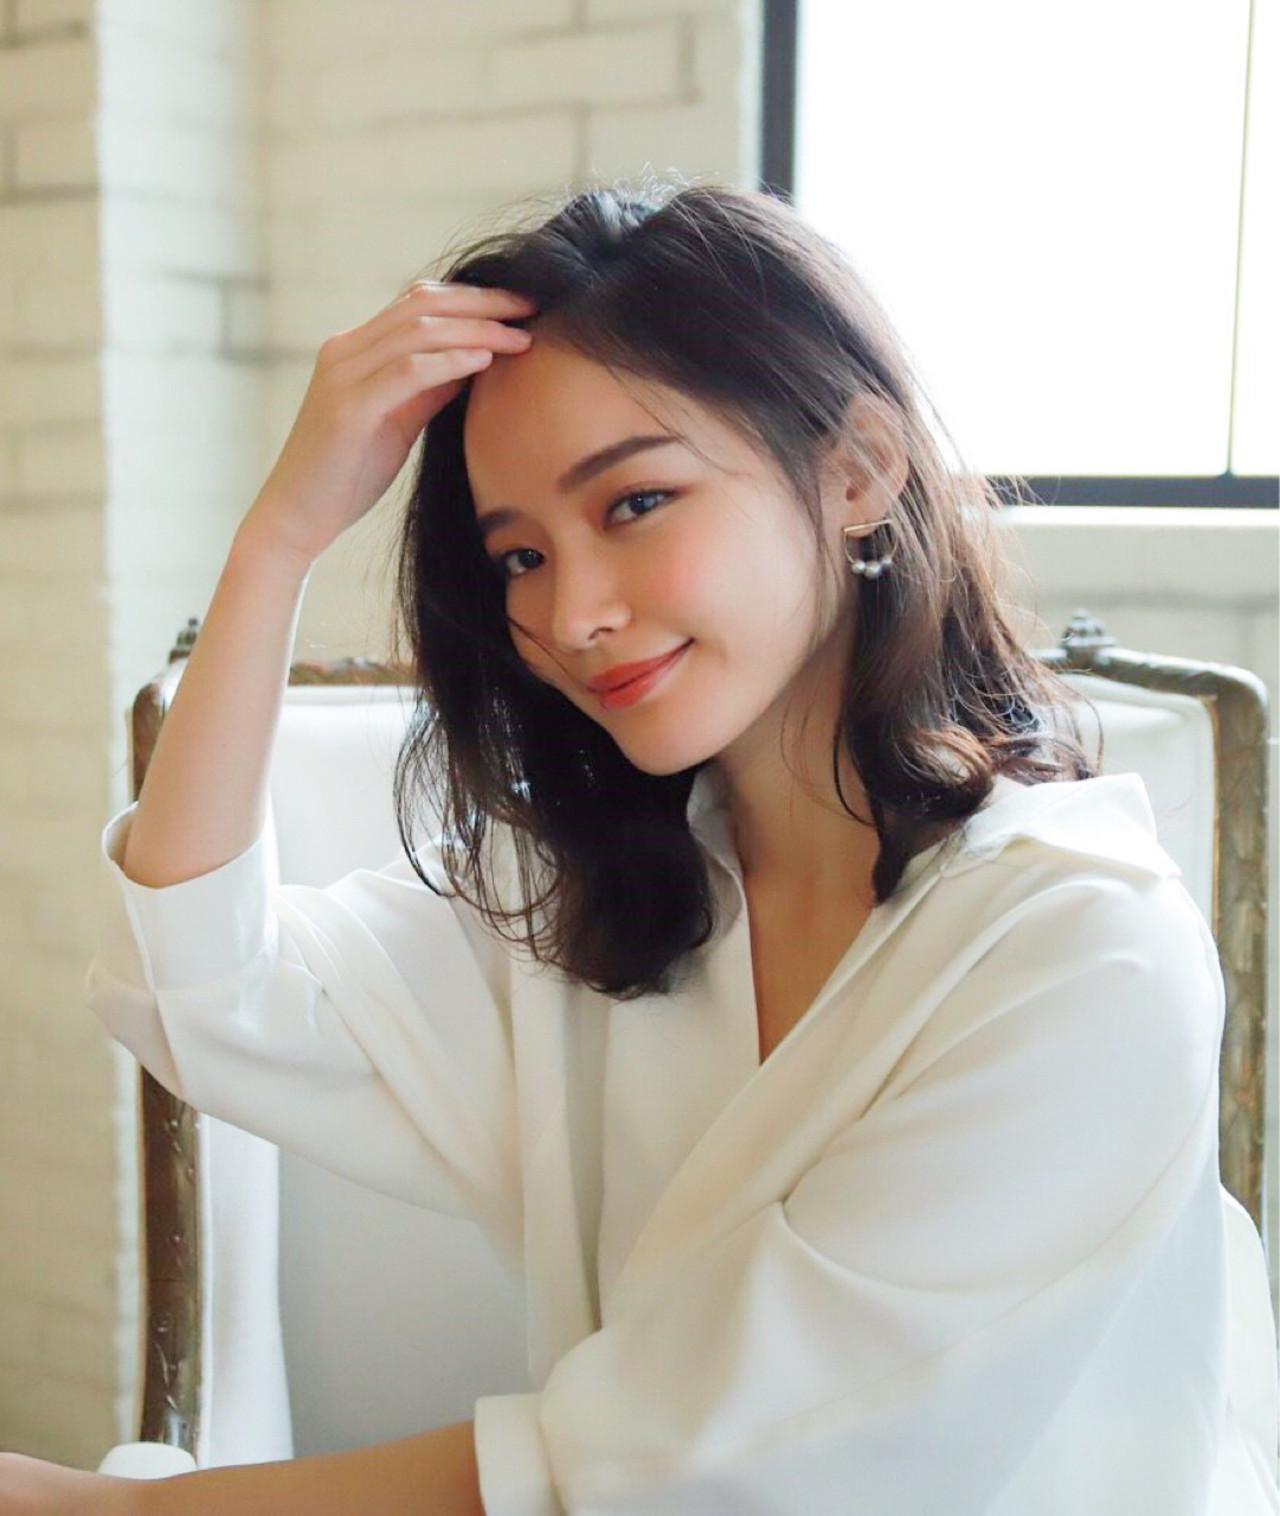 大人ミディアムがすてき♡髪のアレンジ方法からヘアスタイルまで LeCoeur. 新